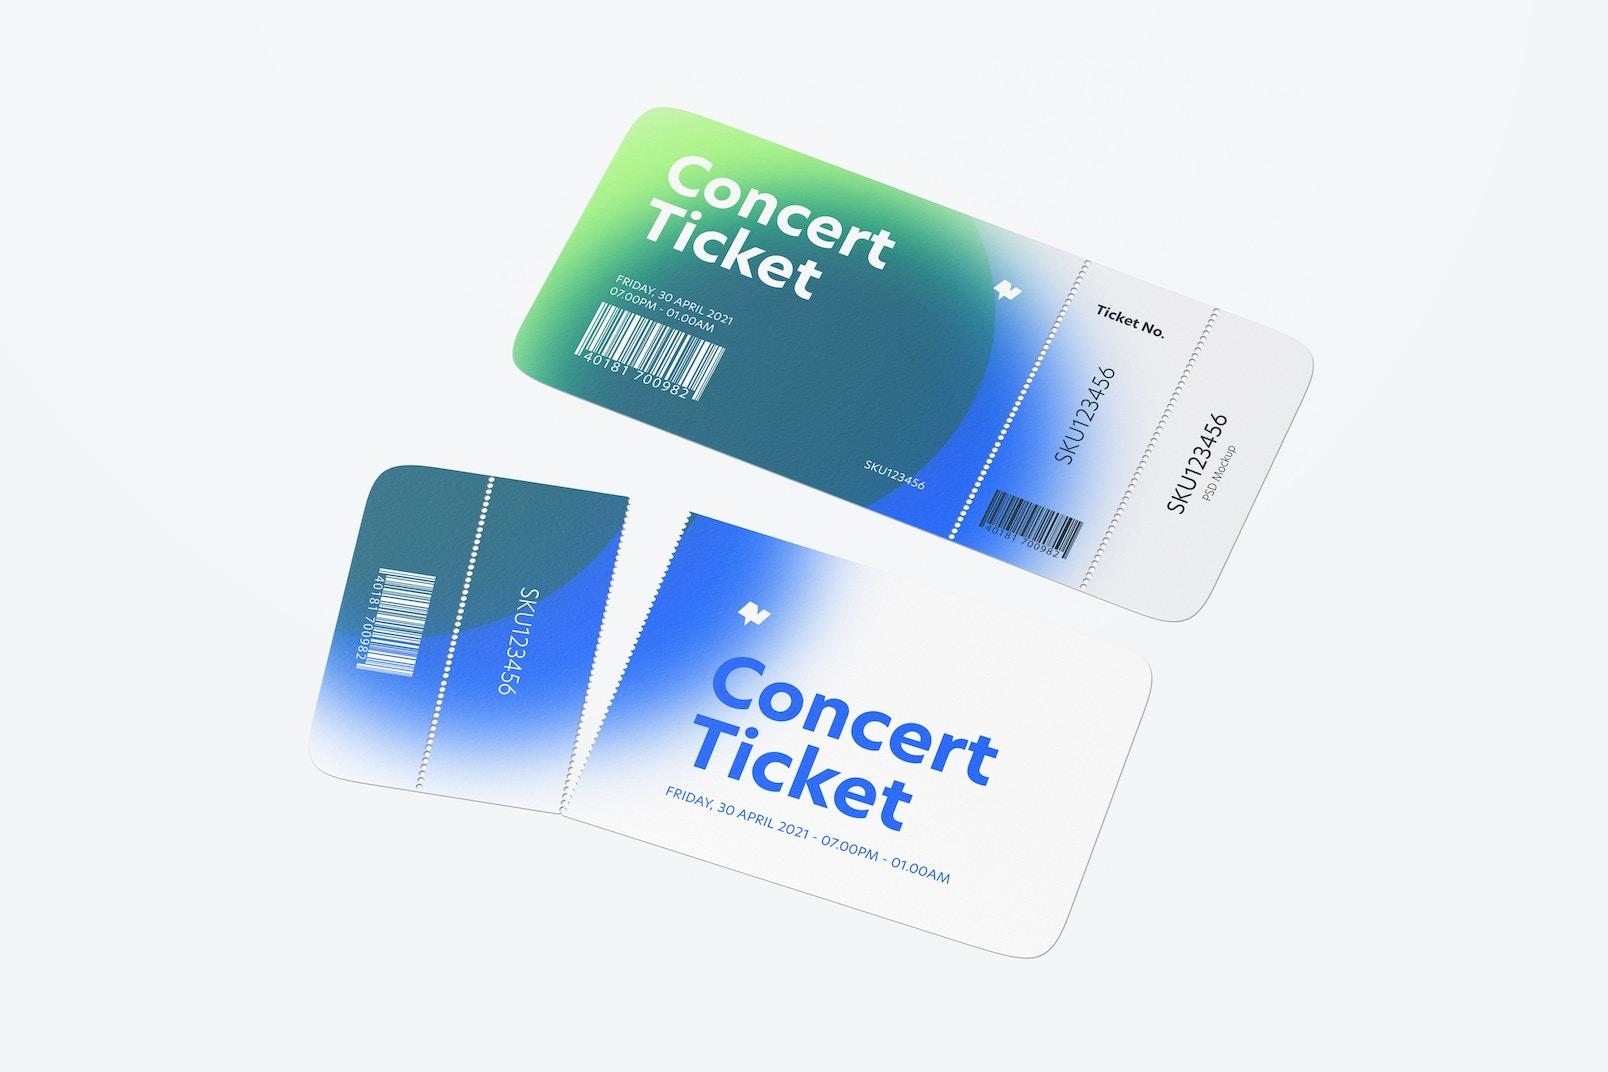 Concert Ticket Mockup, Perspective